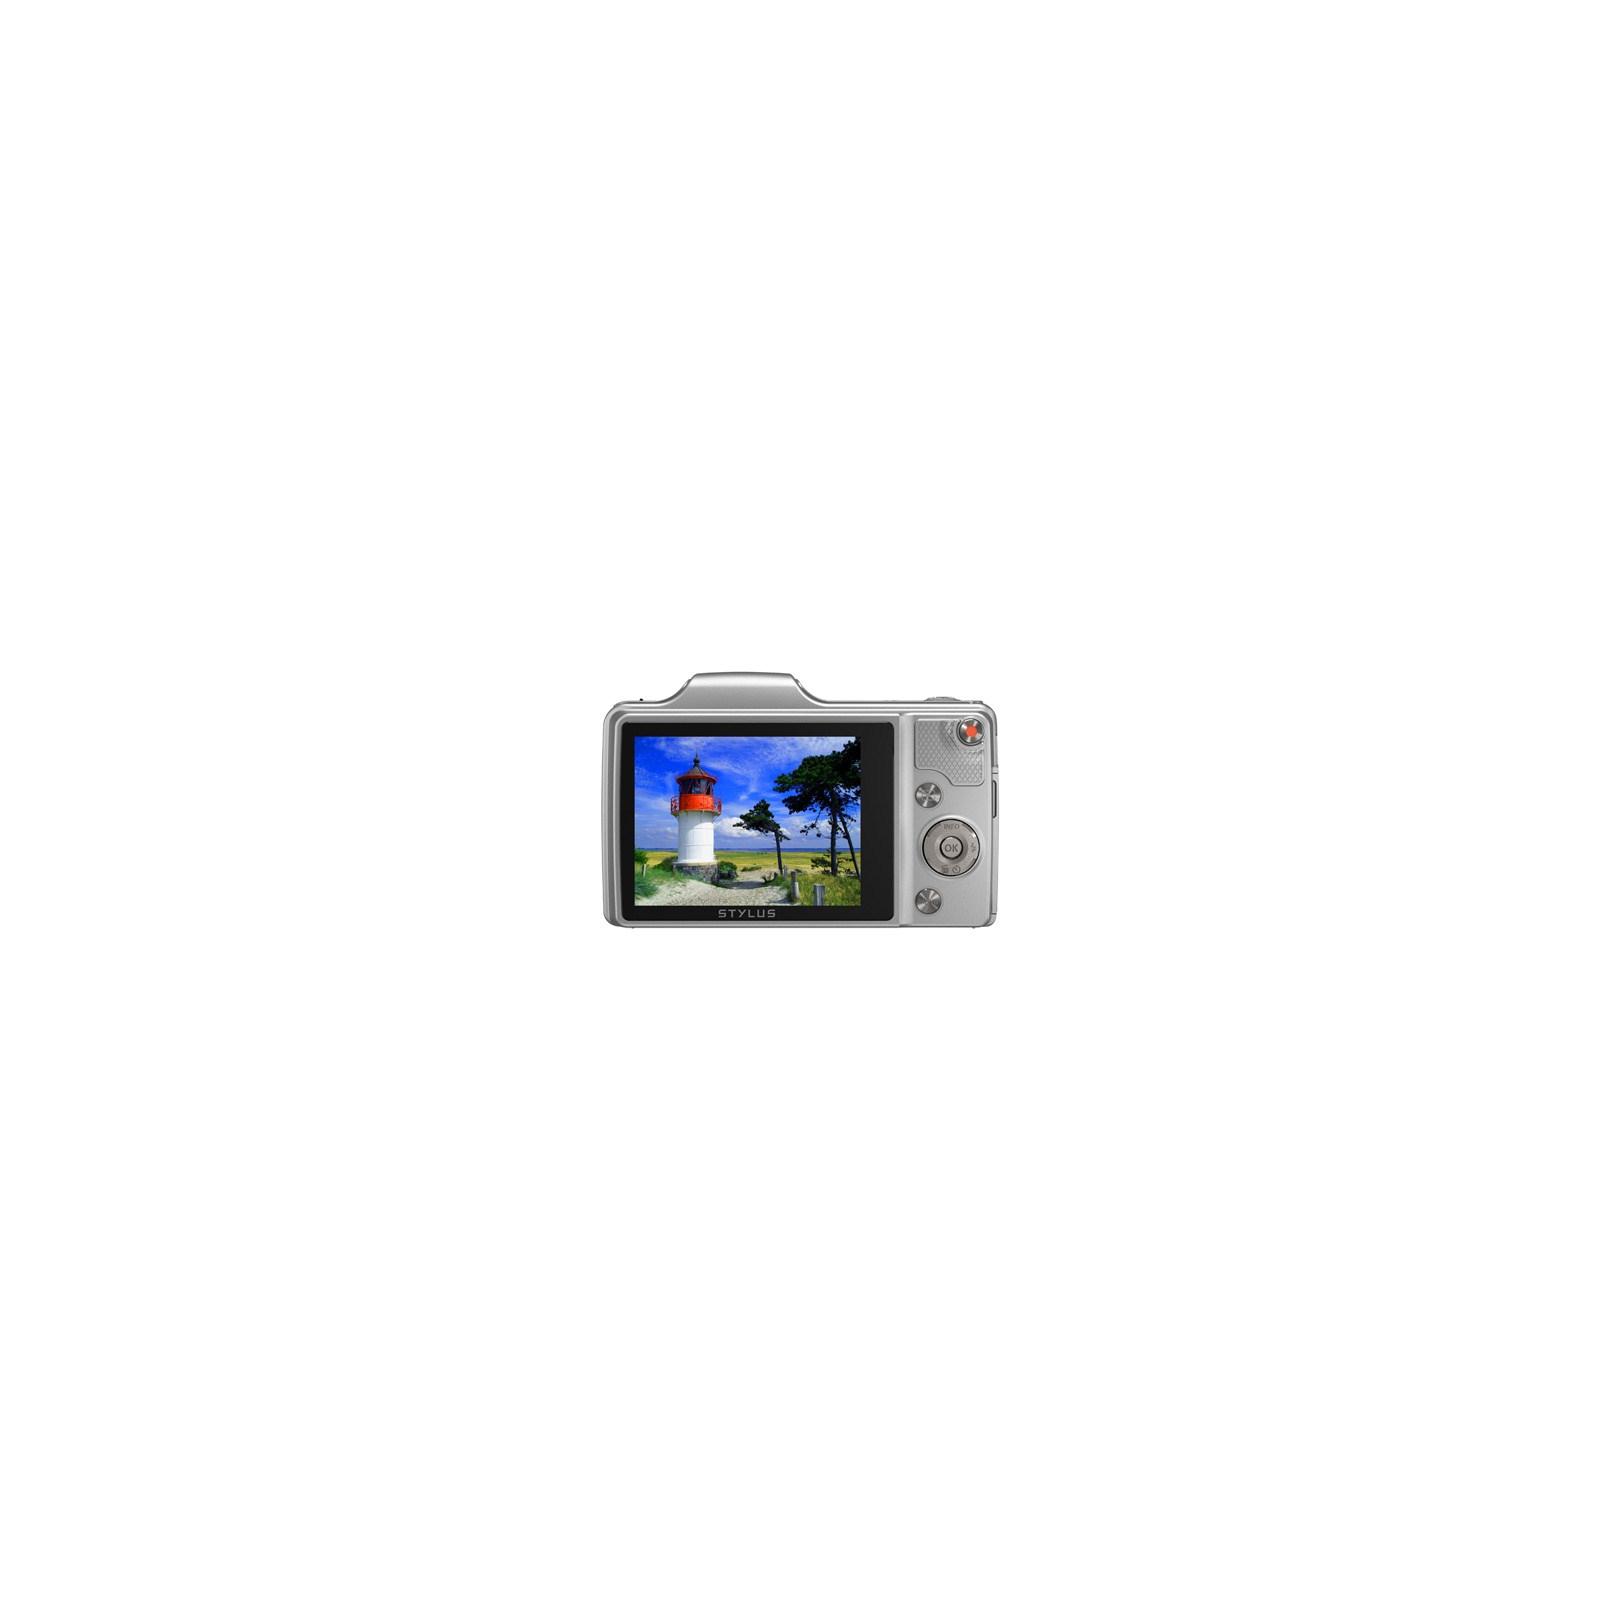 Цифровой фотоаппарат OLYMPUS SZ-15 silver (V102110SE000) изображение 2